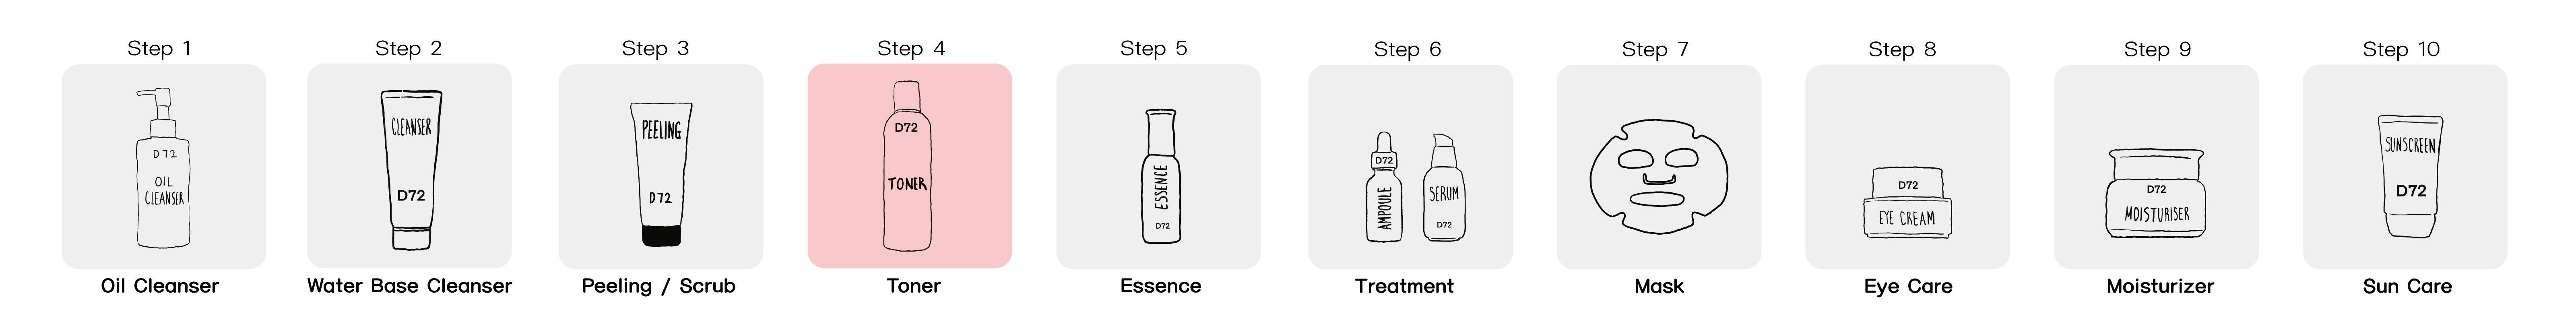 step4-toner.jpg